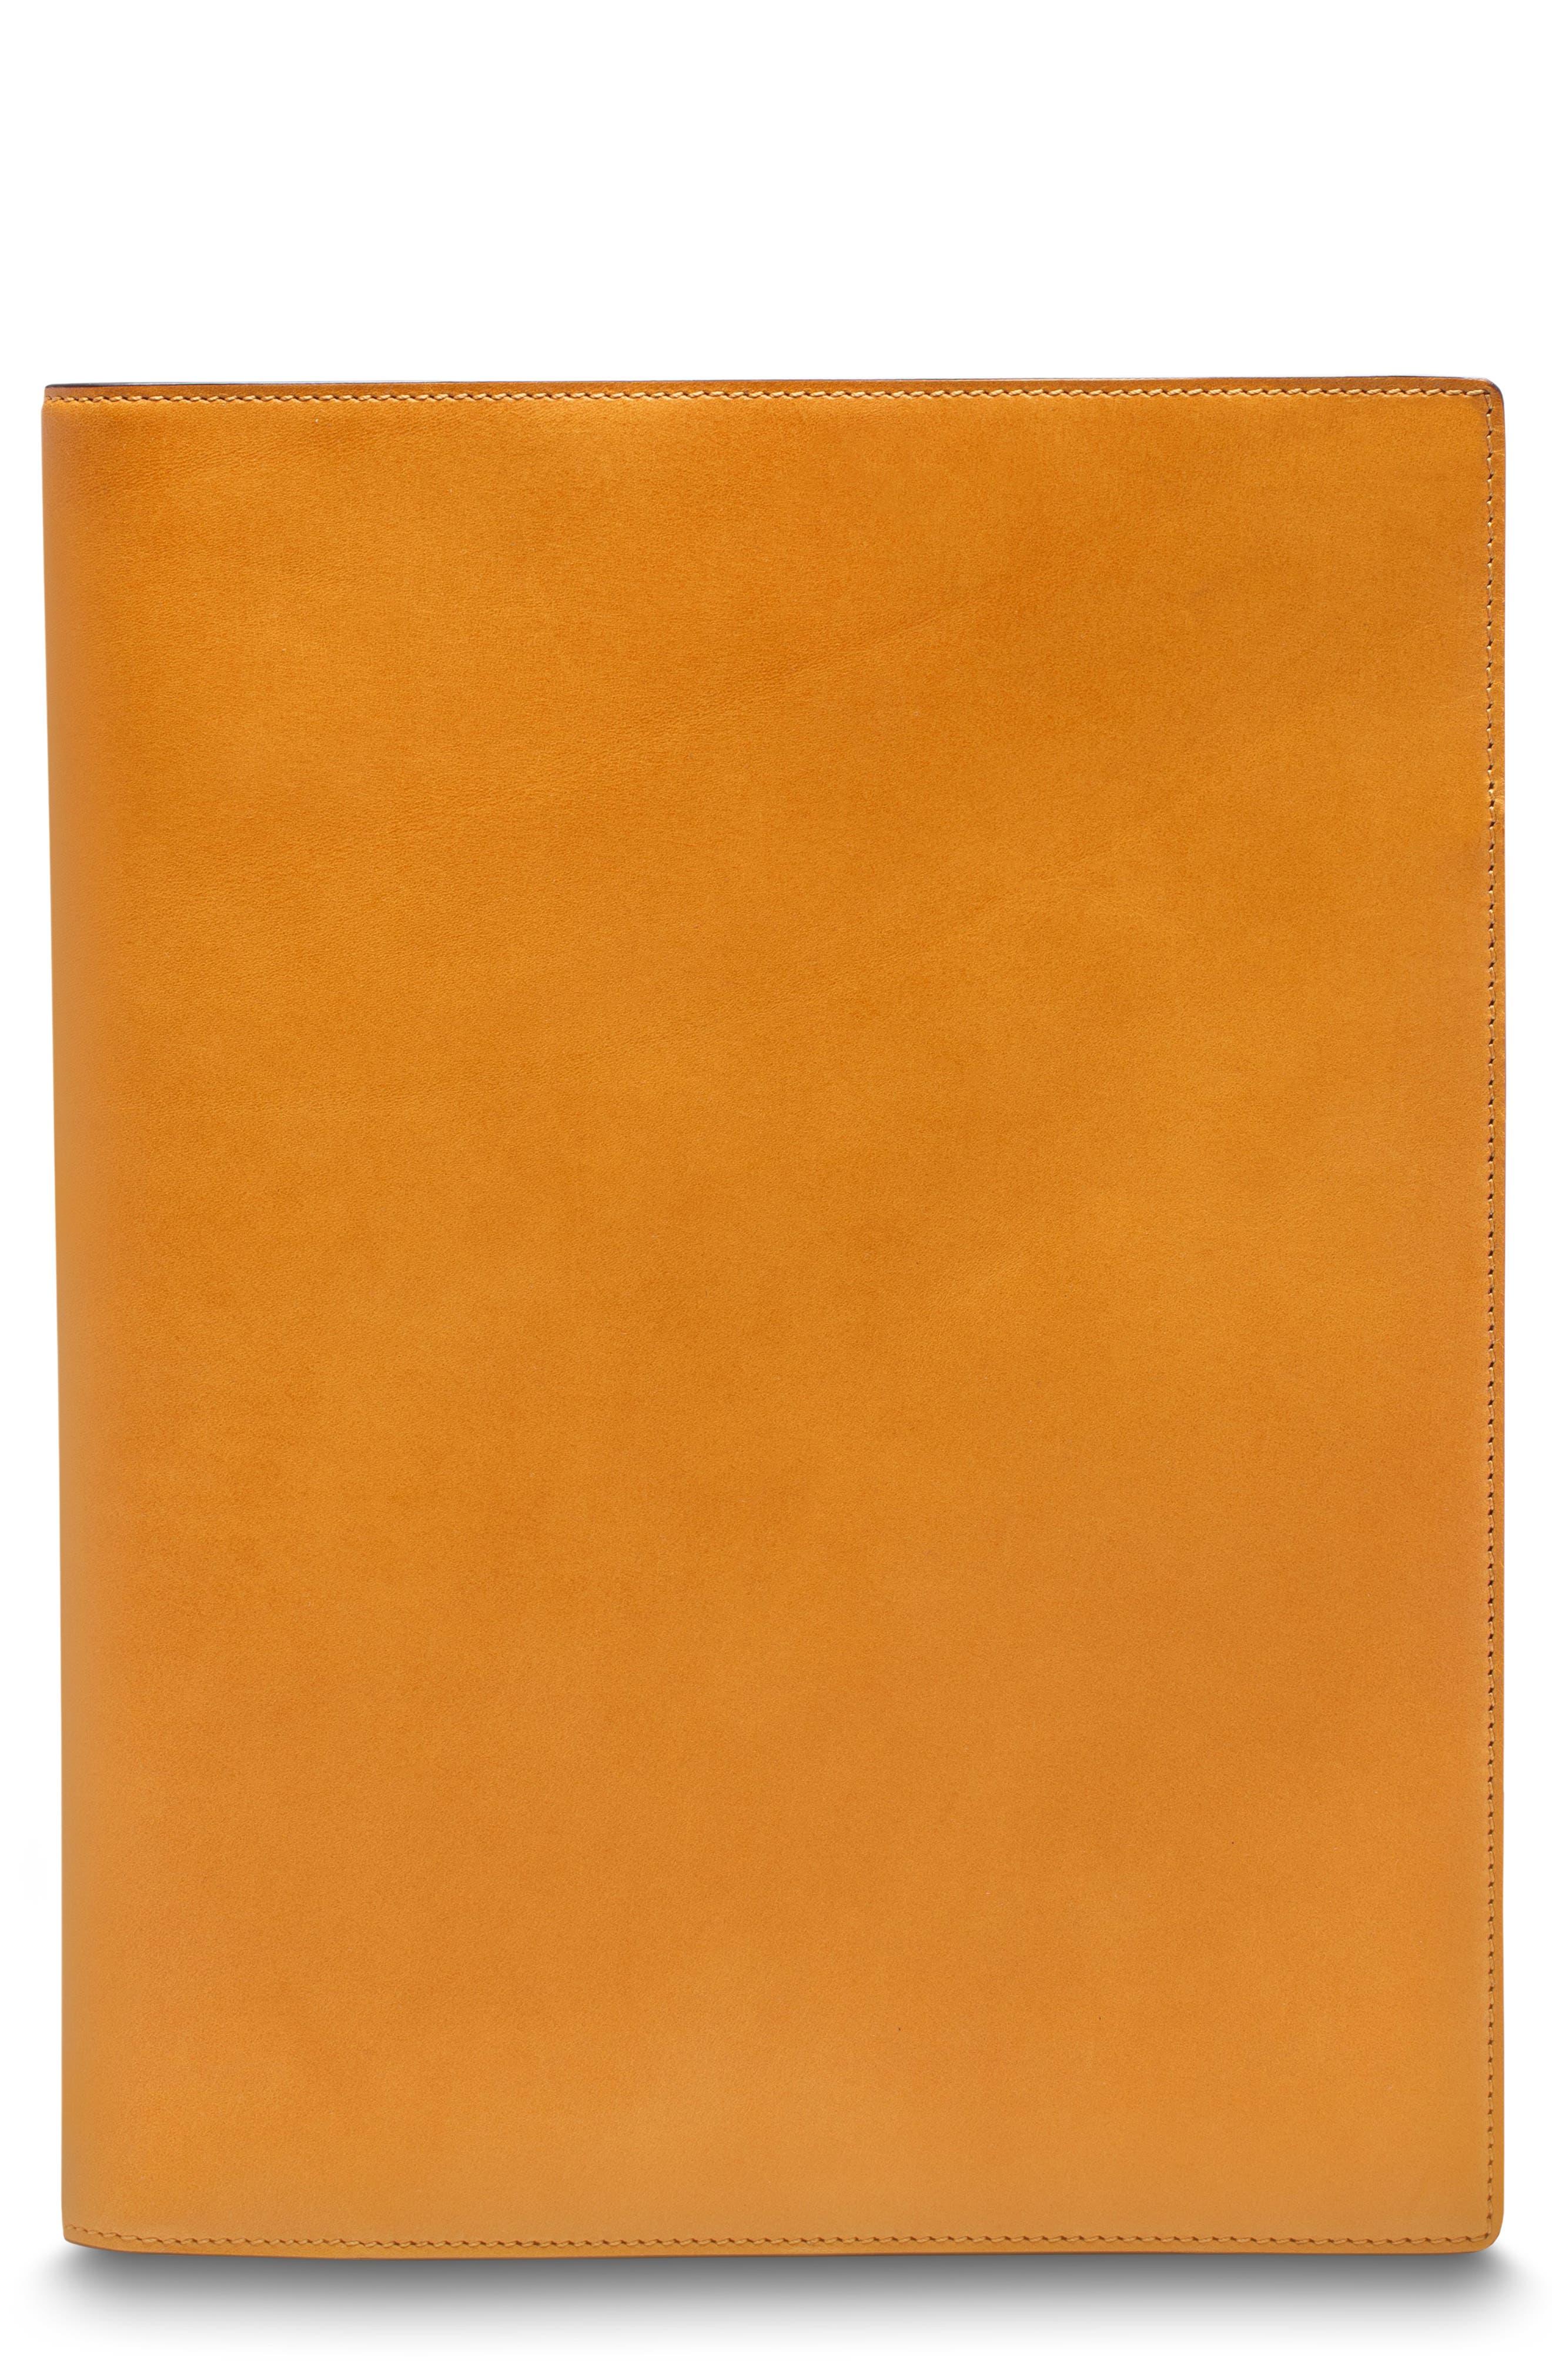 Italo Note Pad & Cover